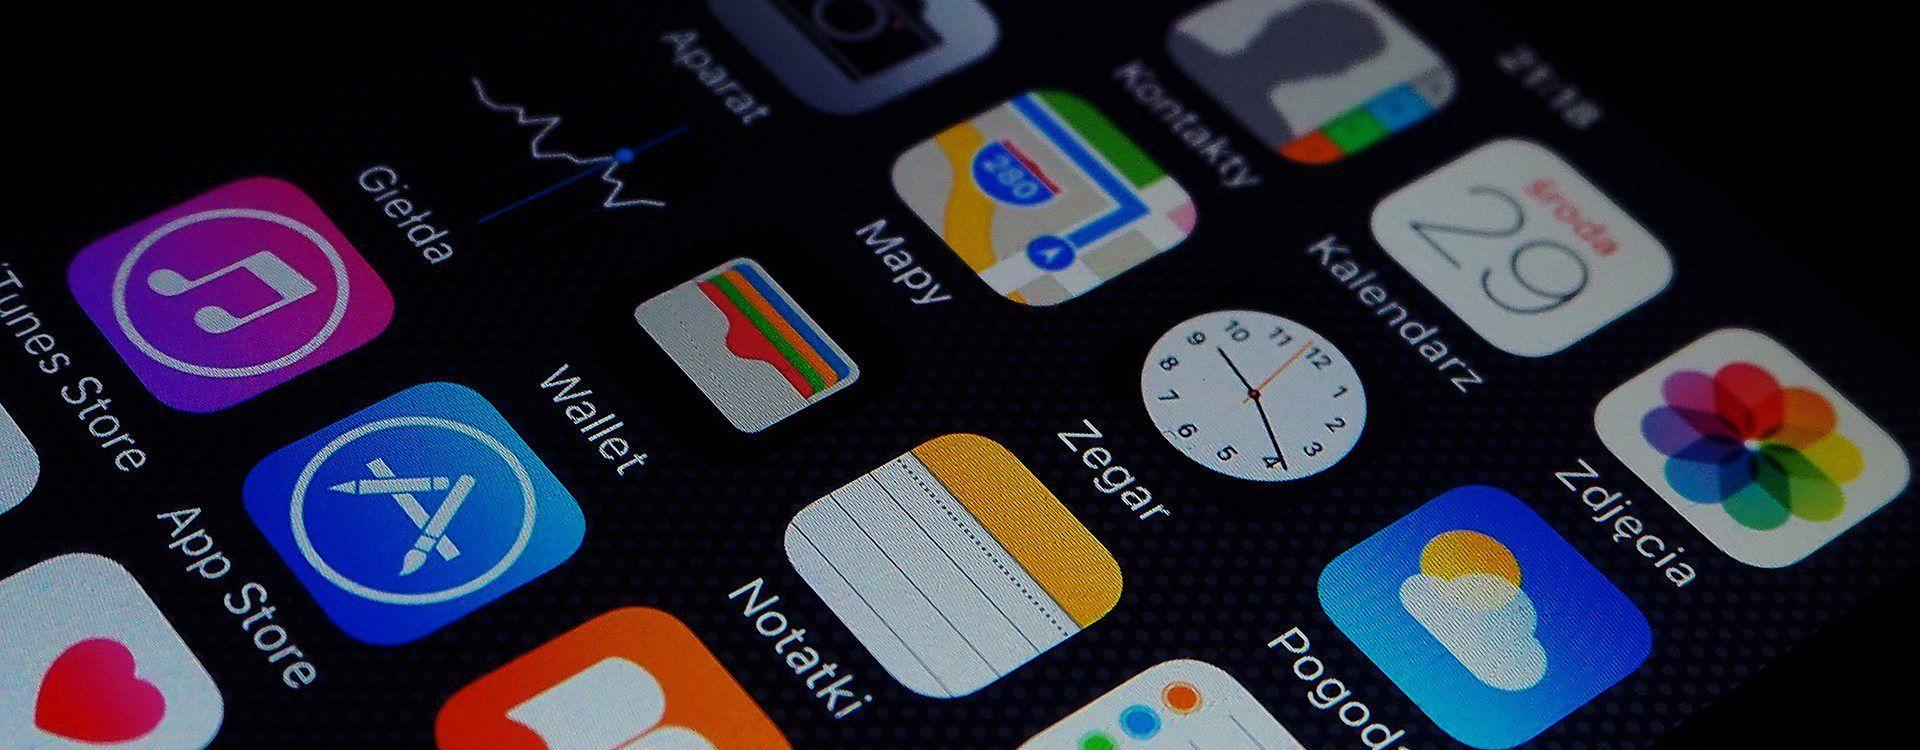 Mobile De Aplikacja